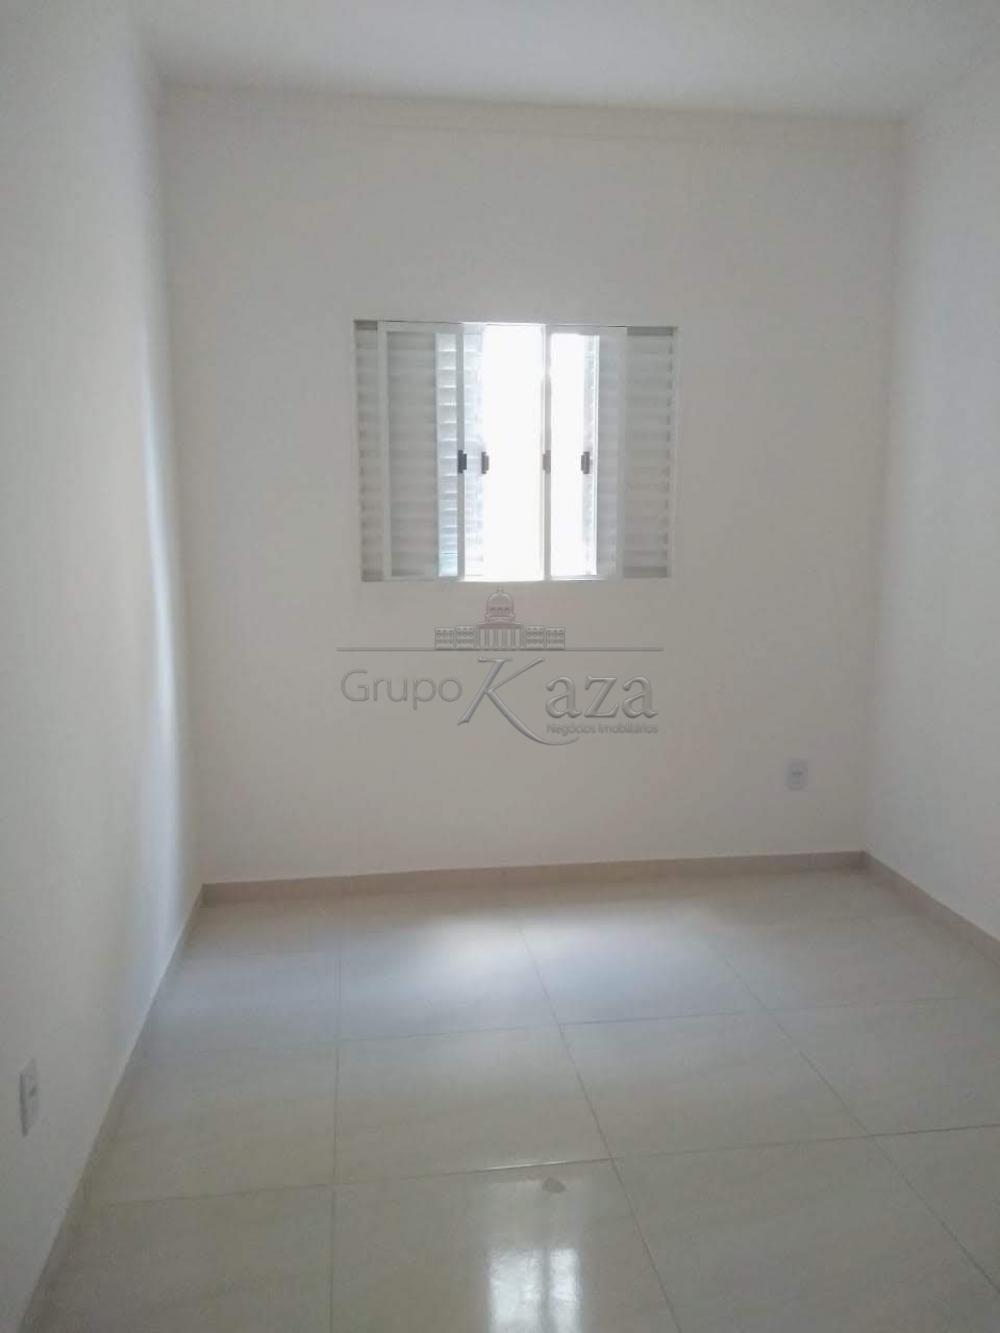 Comprar Casa / Padrão em São José dos Campos apenas R$ 250.000,00 - Foto 10